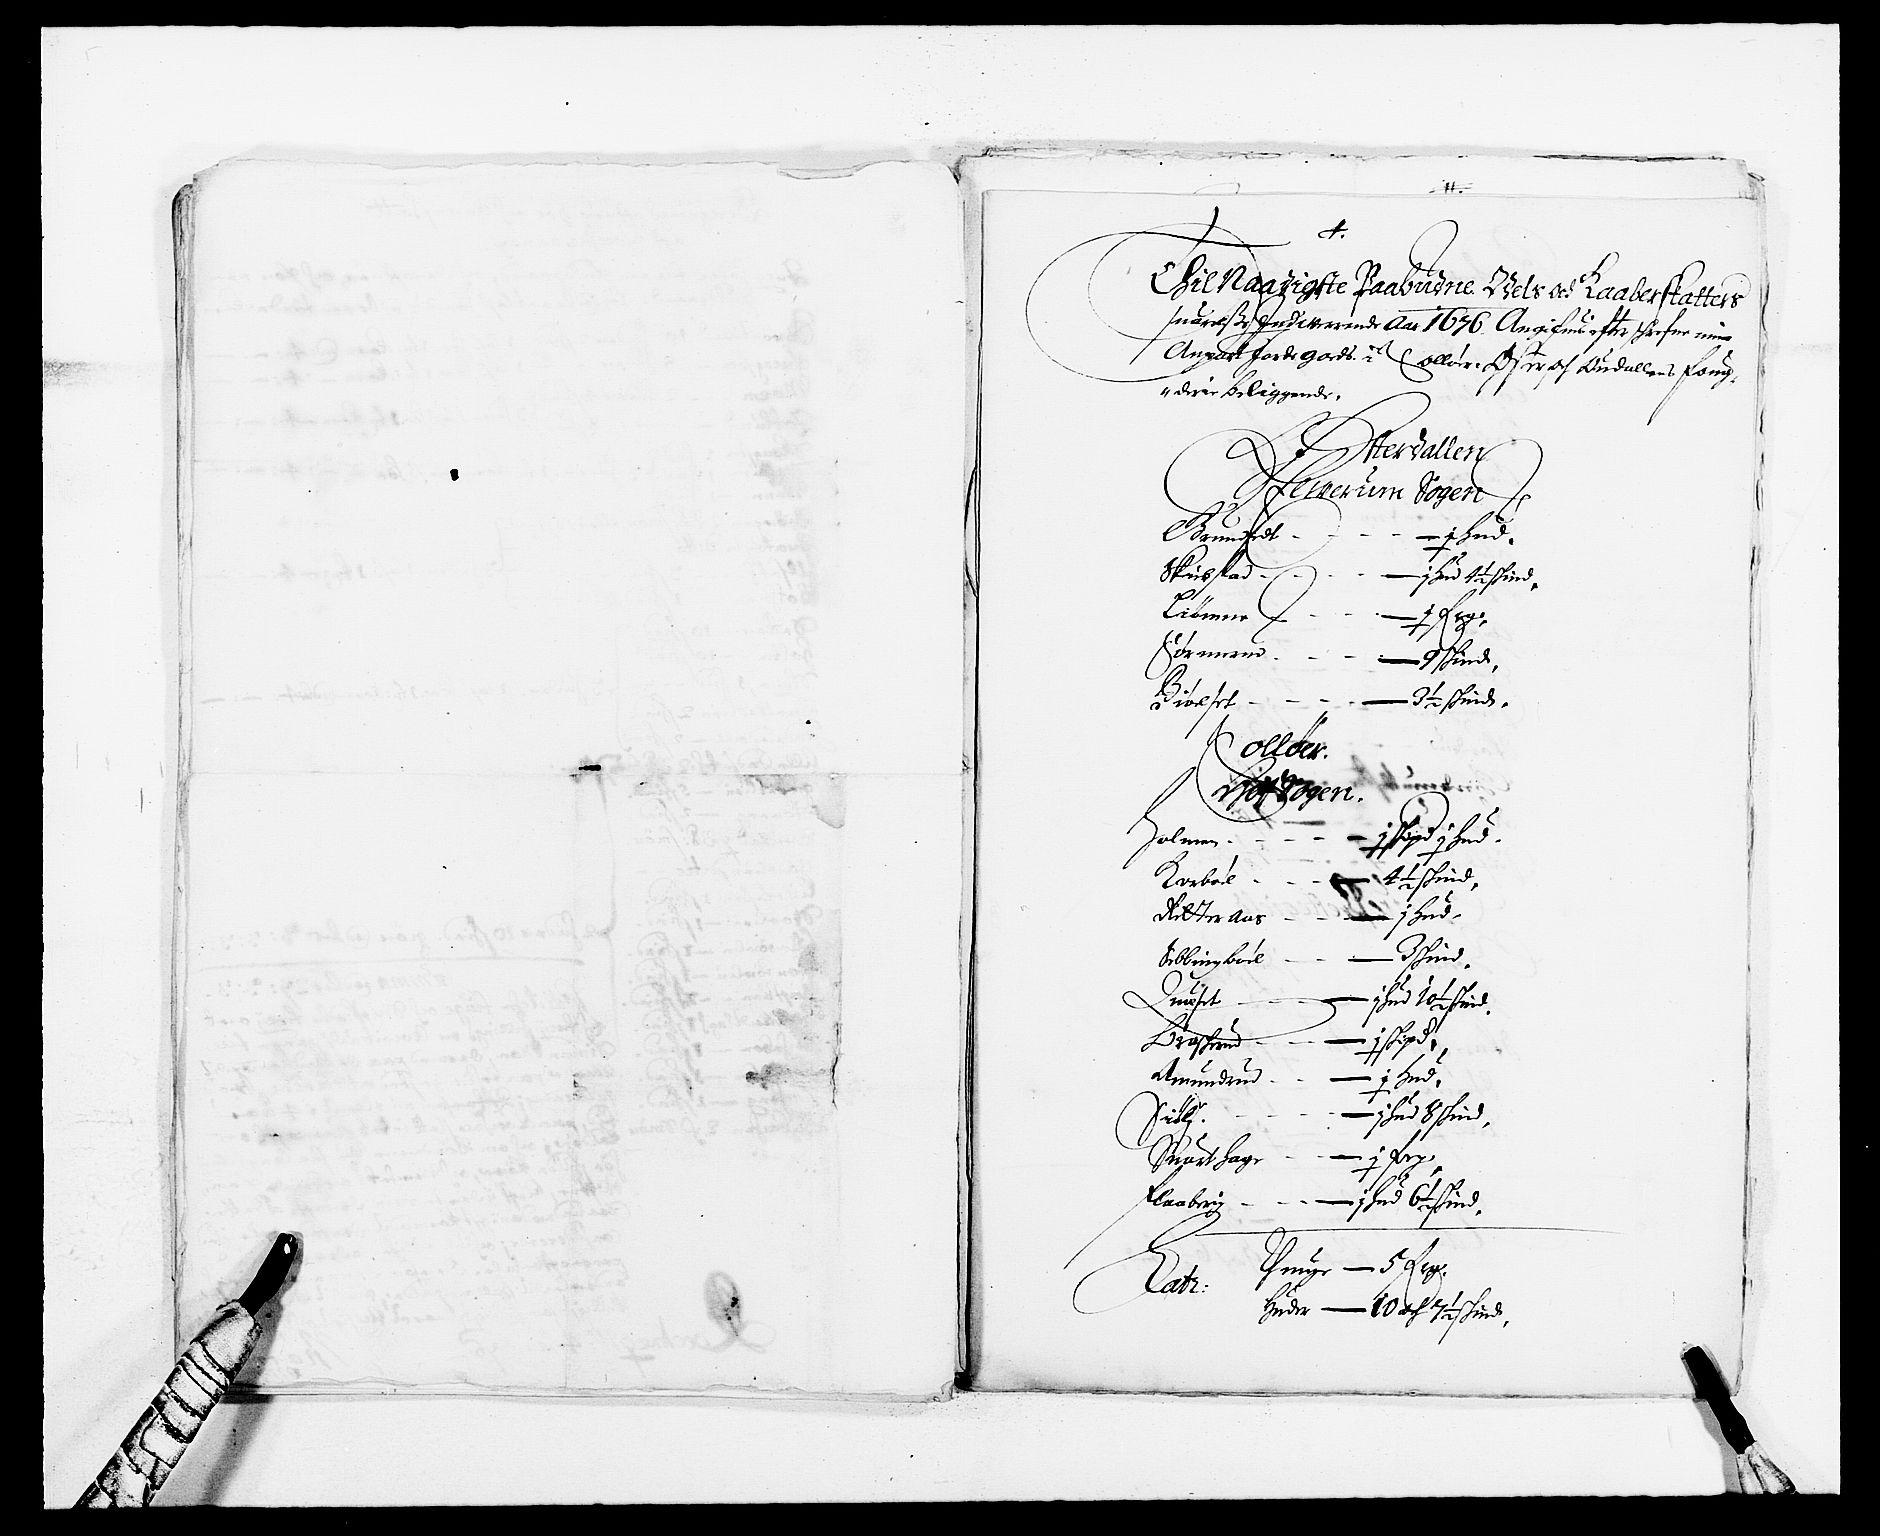 RA, Rentekammeret inntil 1814, Reviderte regnskaper, Fogderegnskap, R13/L0812: Fogderegnskap Solør, Odal og Østerdal, 1676, s. 201